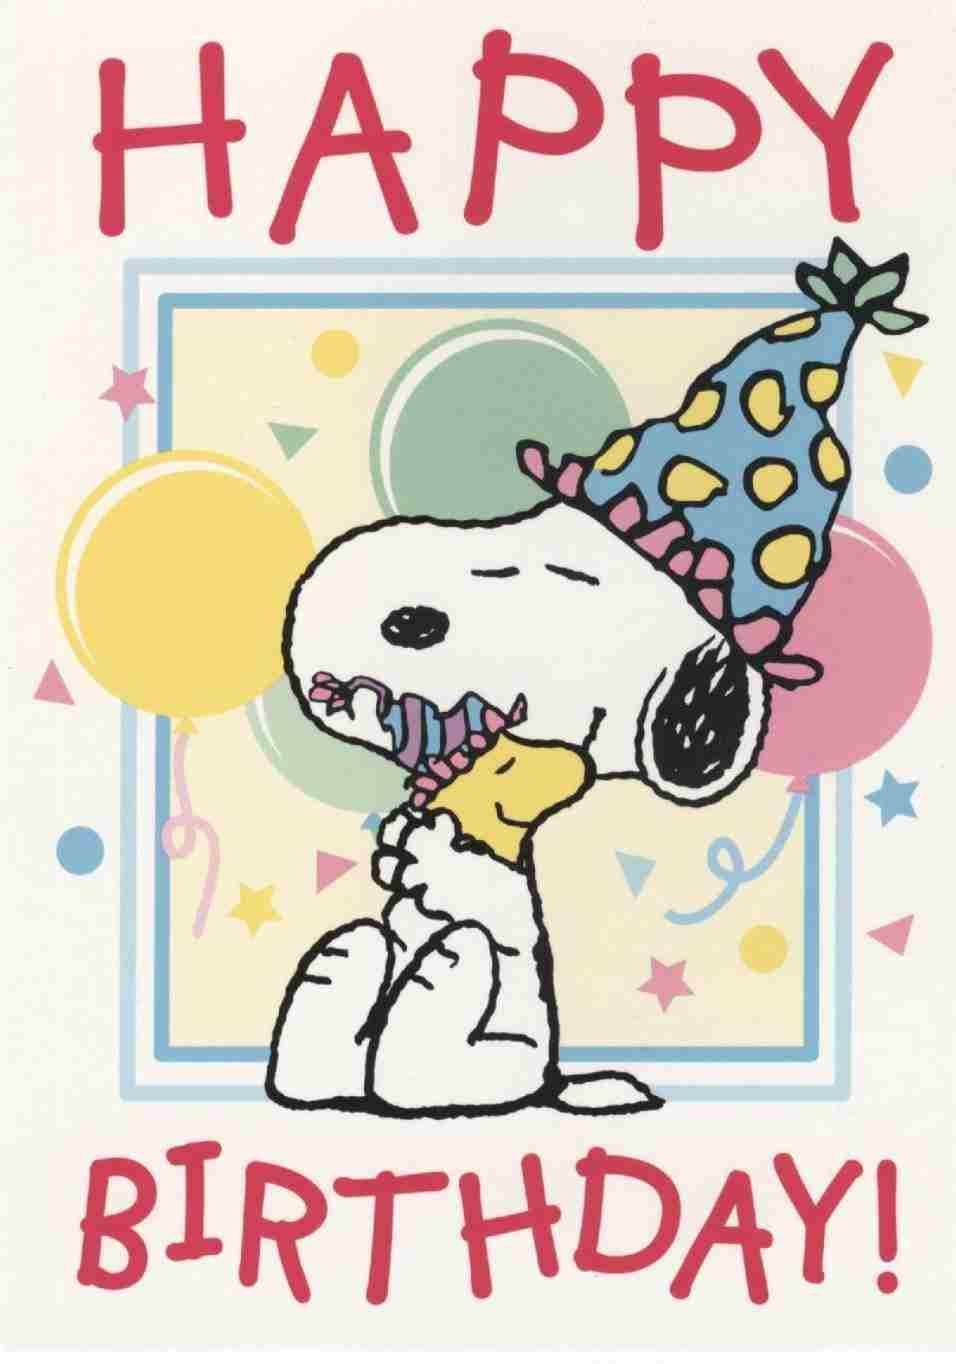 Wonderful Happy Birthday Wishes According Amazing Article Full Size